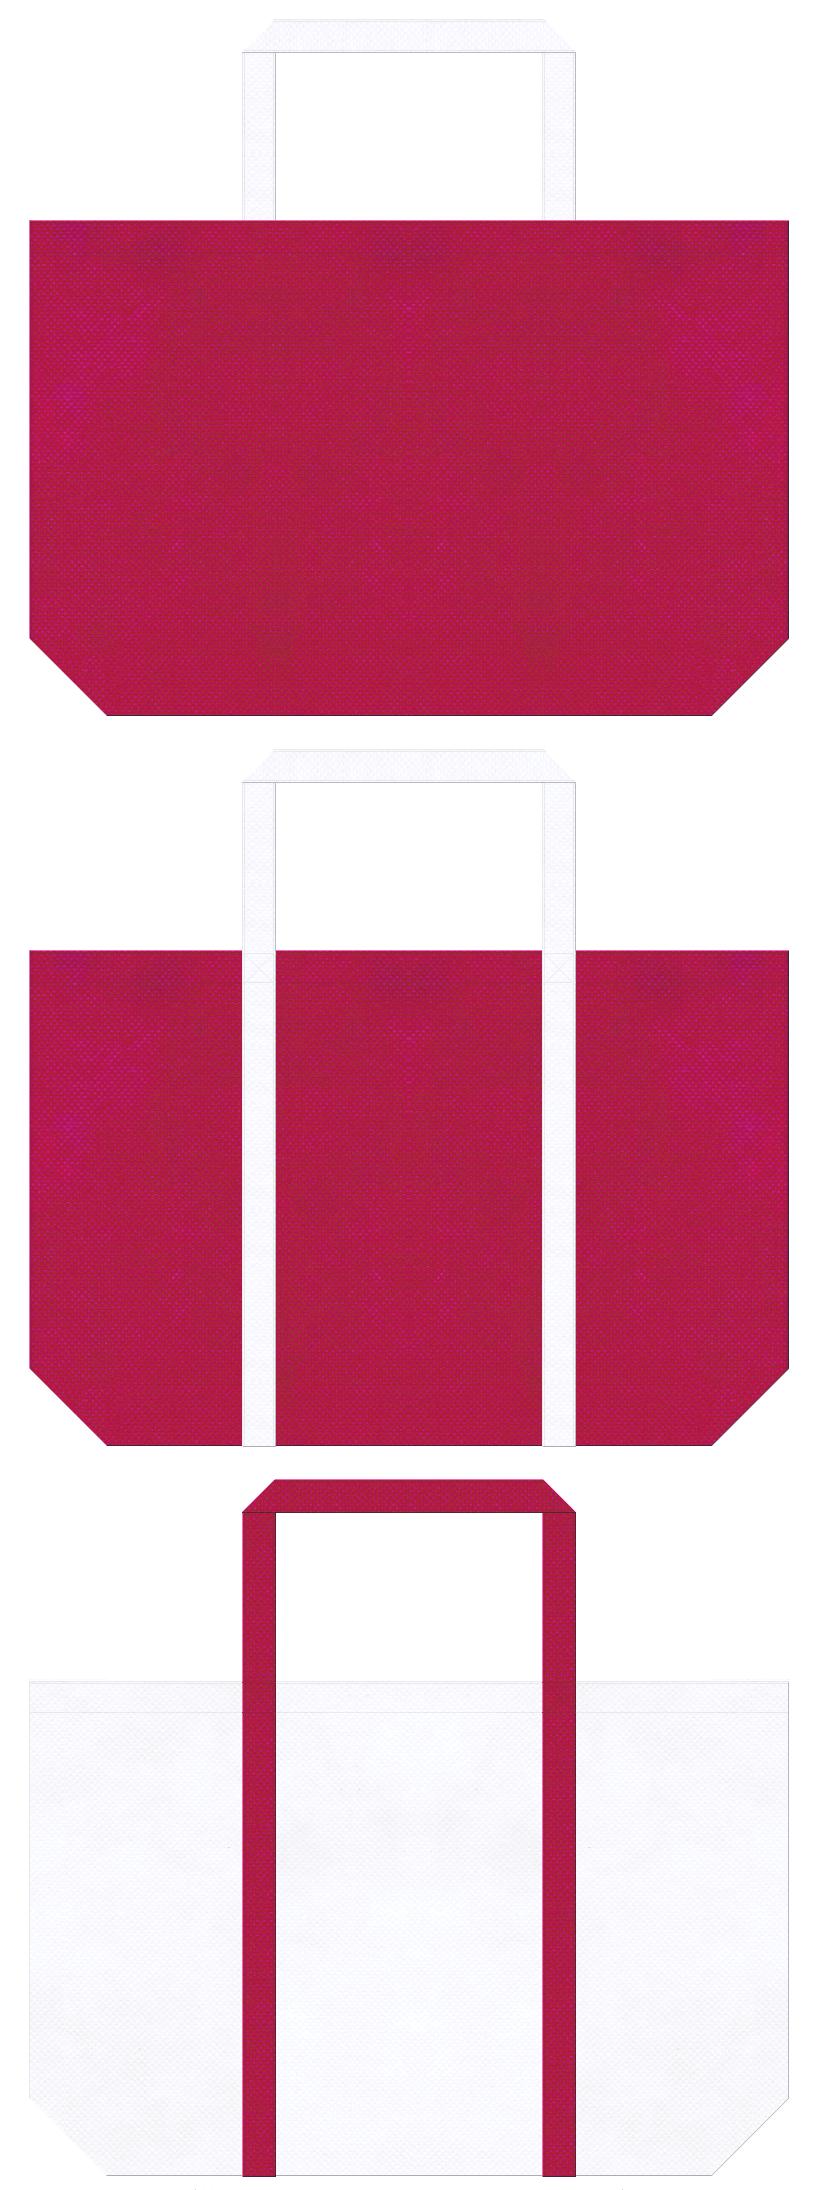 医療施設・医療ユニフォーム・スポーツバッグにお奨めの不織布バッグデザイン:濃いピンク色と白色のコーデ